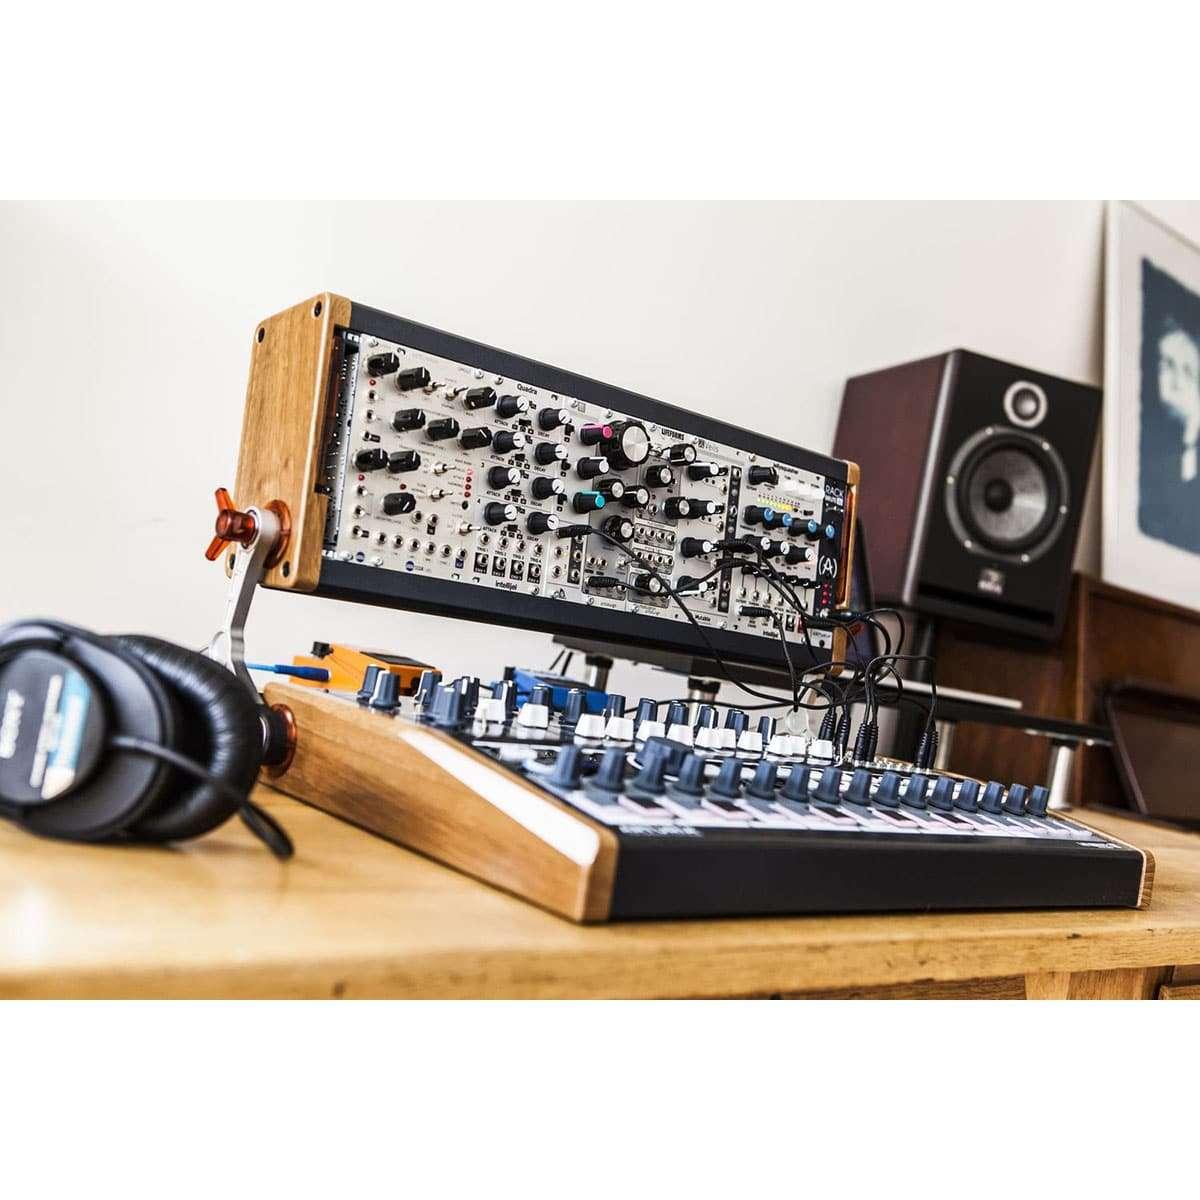 Arturia Rackbrute 3U 05 Sintetizzatori e Drum Machine, Case Eurorack